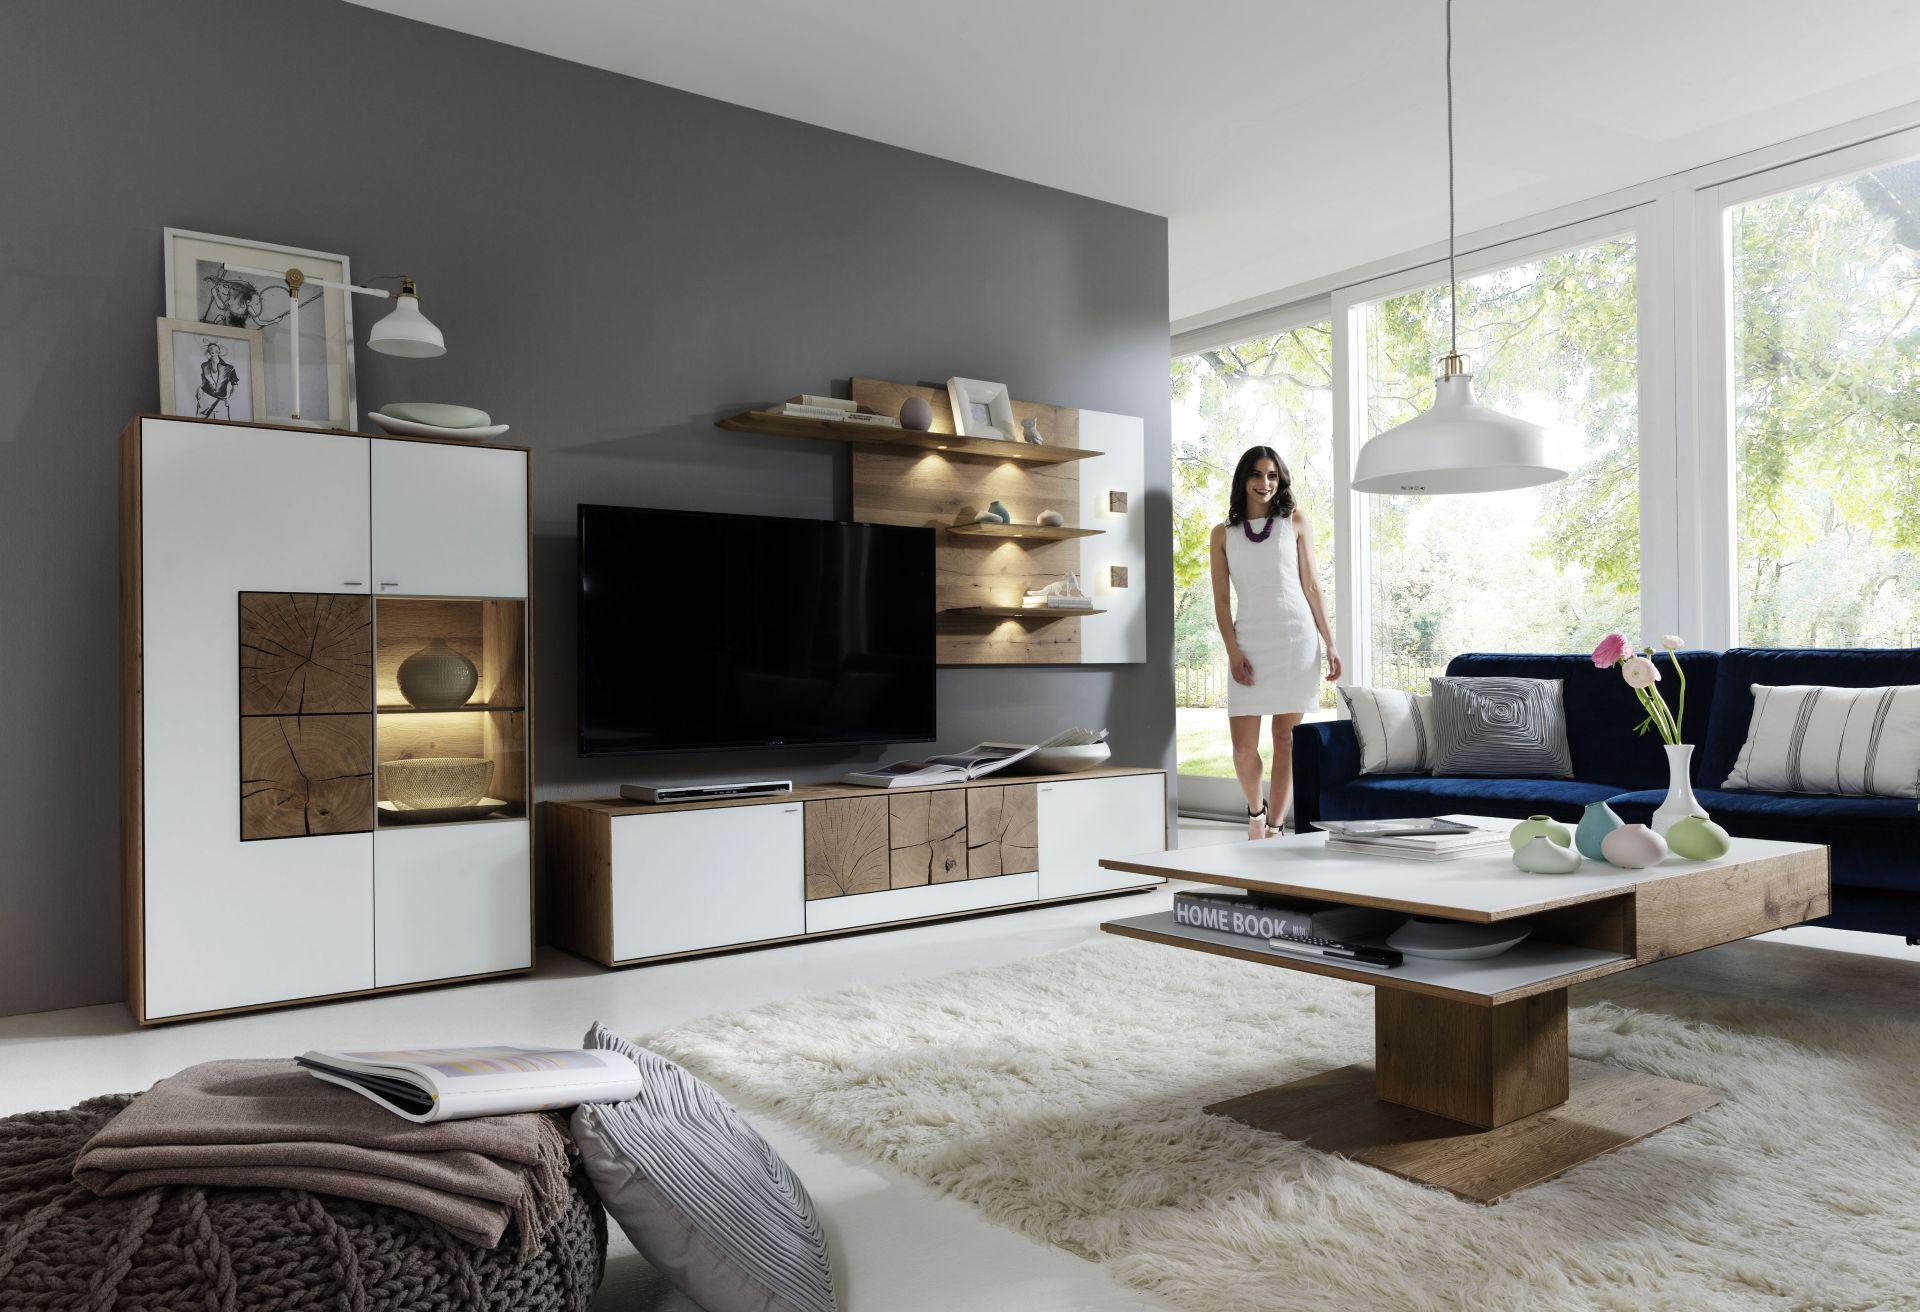 confetto ffertig contemporary living room. HARTMANN Confetto Ffertig Contemporary Living Room G